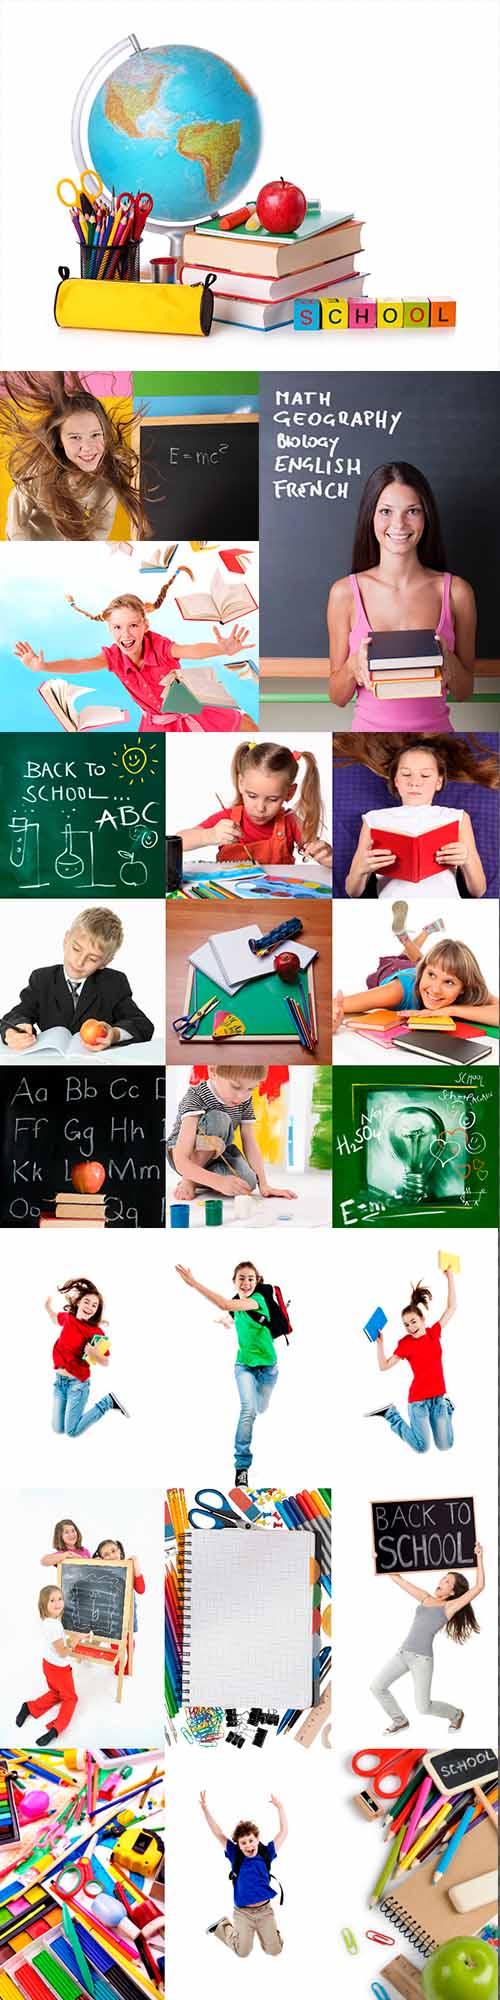 School graphics 100 photos